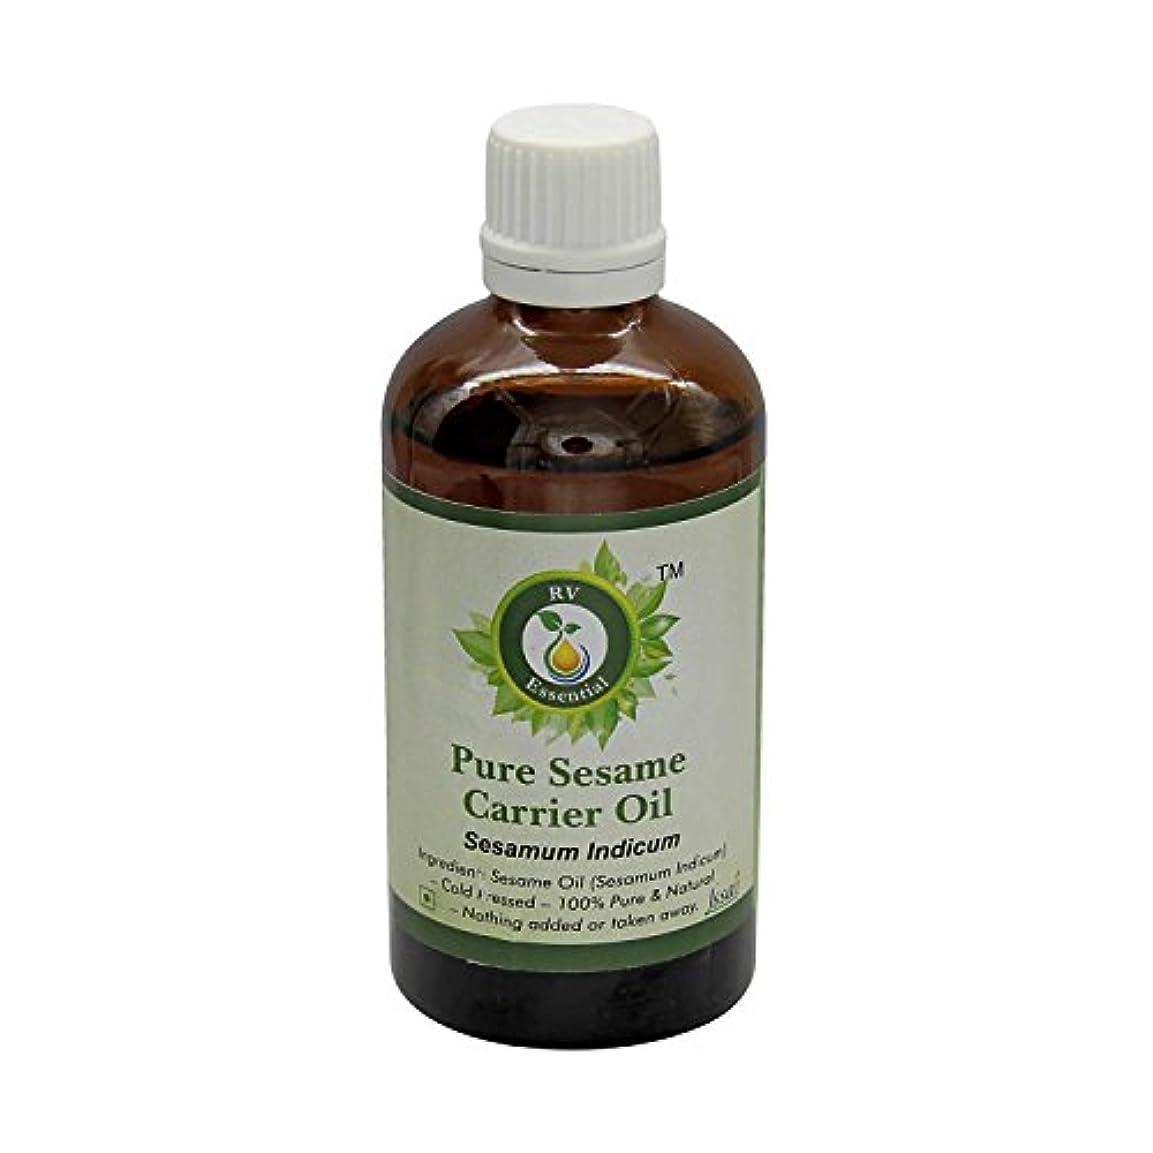 納屋バケット葉を拾うR V Essential 純粋なごま油15ml (0.507oz)- Sesamum Indicum (100%ピュア&ナチュラルコールドPressed) Pure Sesame Carrier Oil